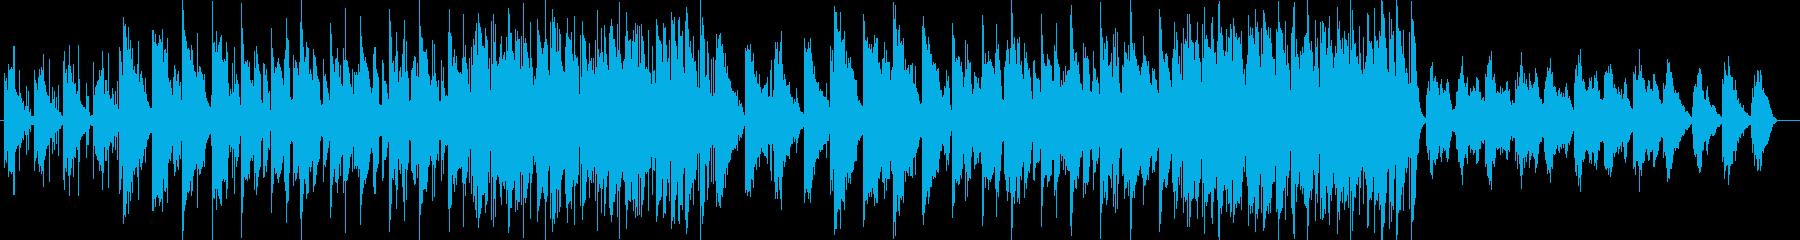 開放的なスローブリージングする環境音楽の再生済みの波形